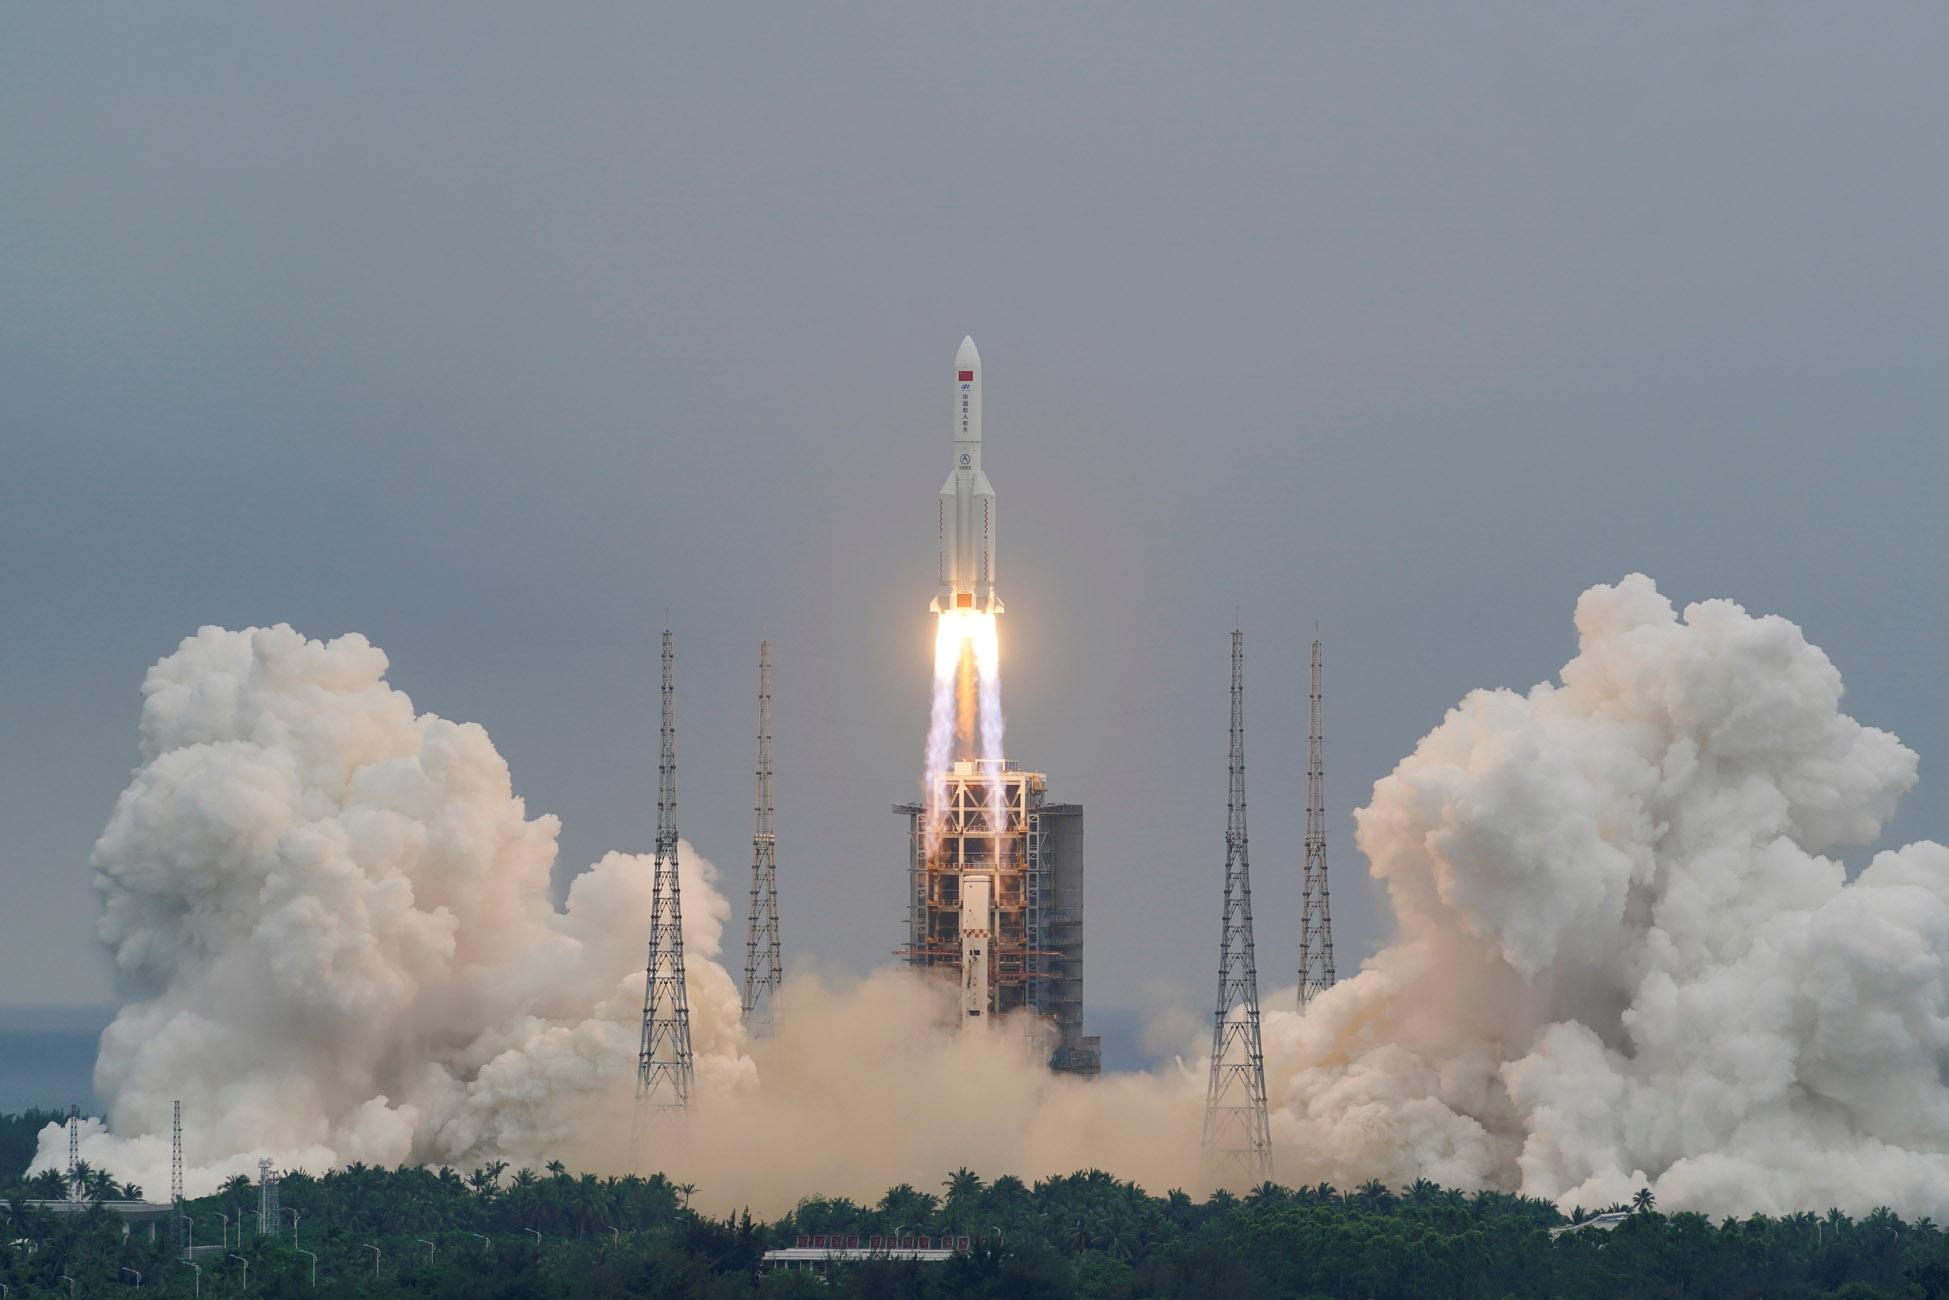 Κινέζικος πύραυλος: Τα συντρίμμια του έπεσαν στον Ινδικό Ωκεανό